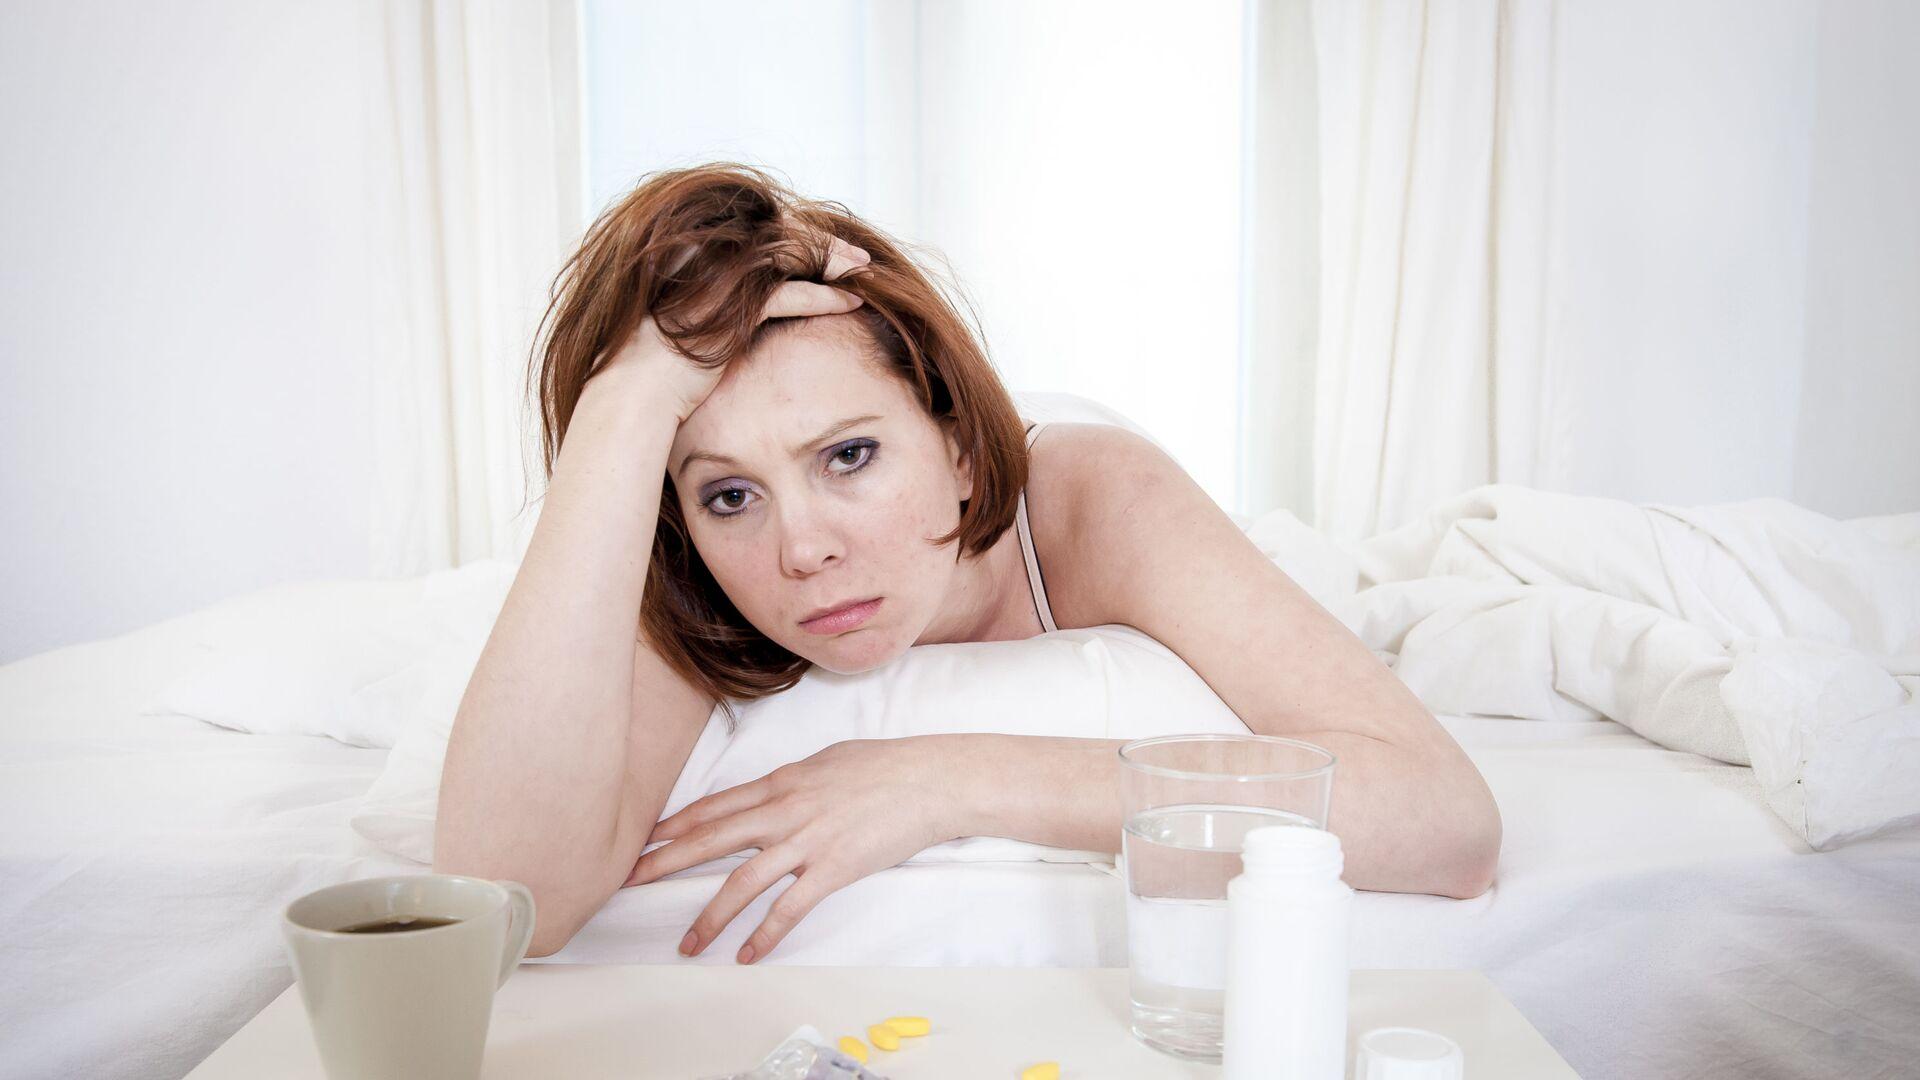 Болеющая девушка в постели с таблетками и чашкой кофе - Sputnik Azərbaycan, 1920, 05.09.2021